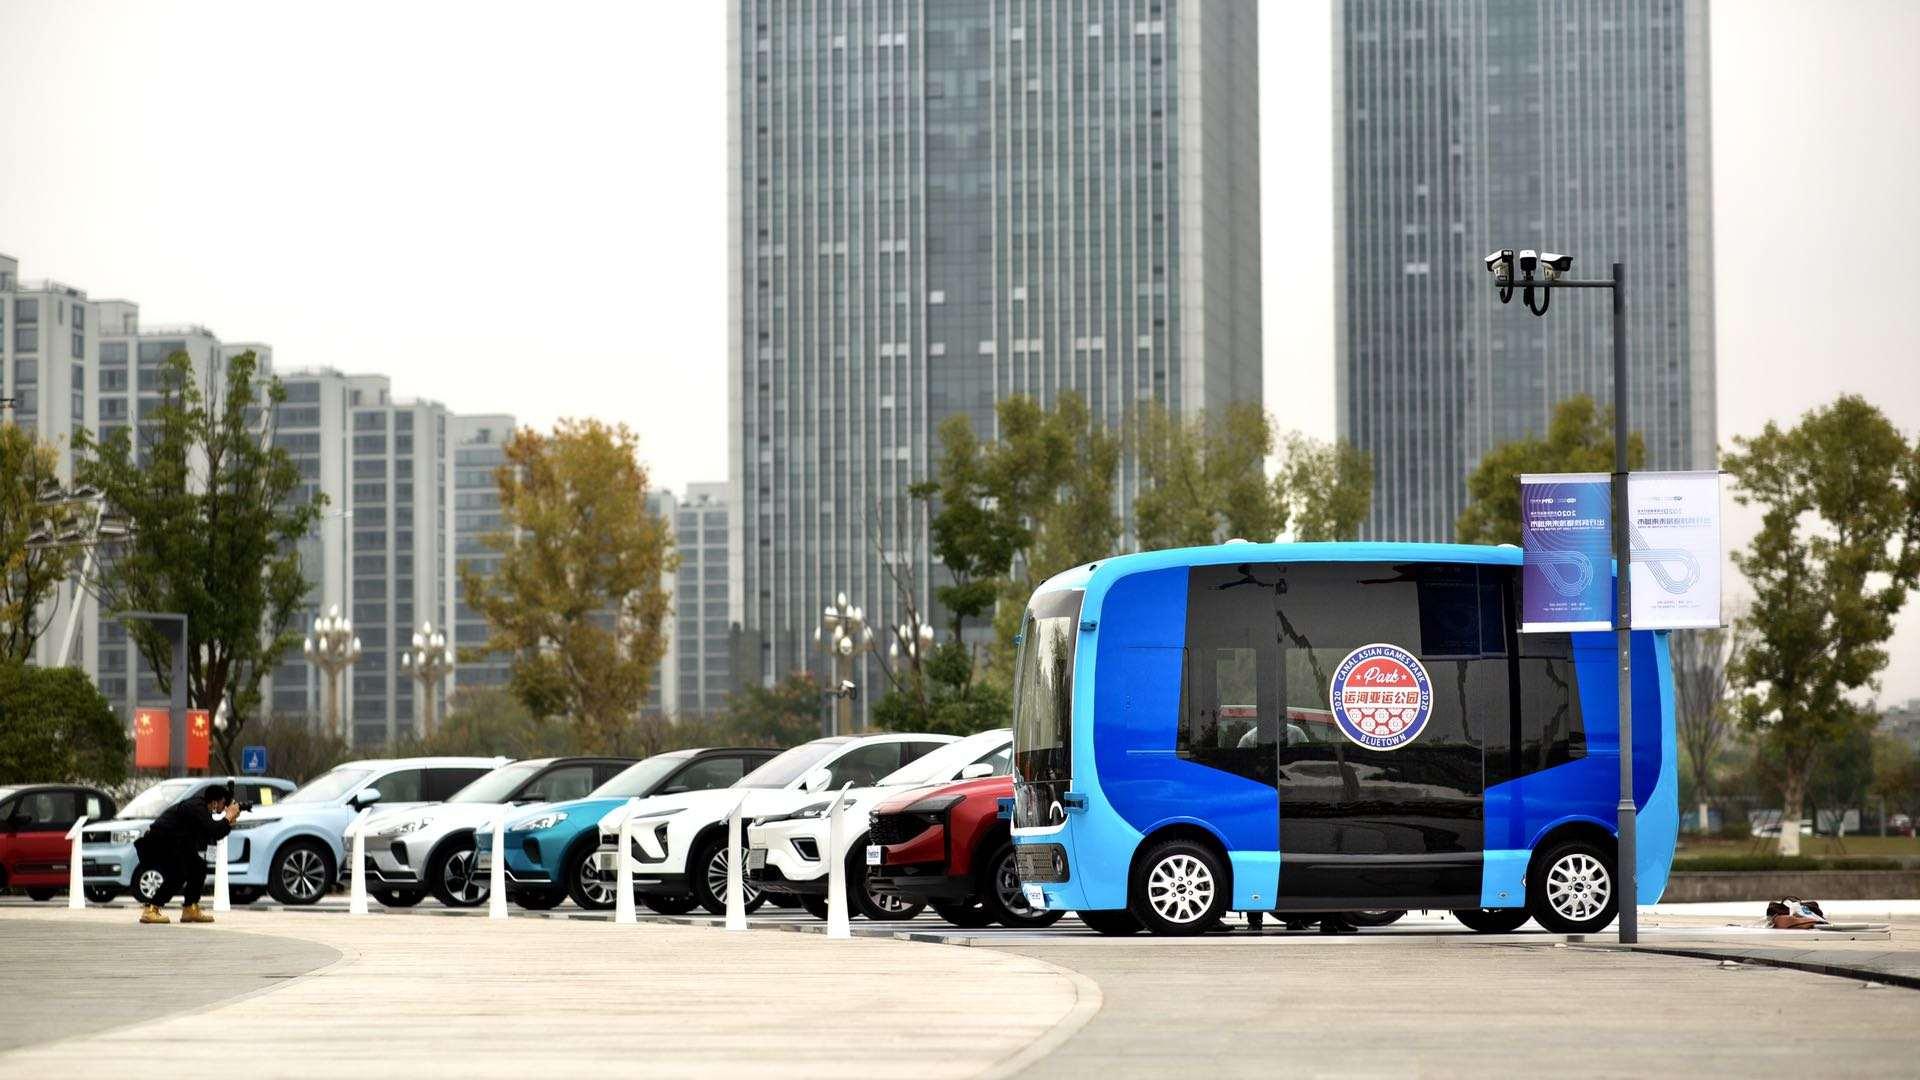 走渐进式路线:福瑞泰克打算2021年在杭州运营L4级自动驾驶小巴